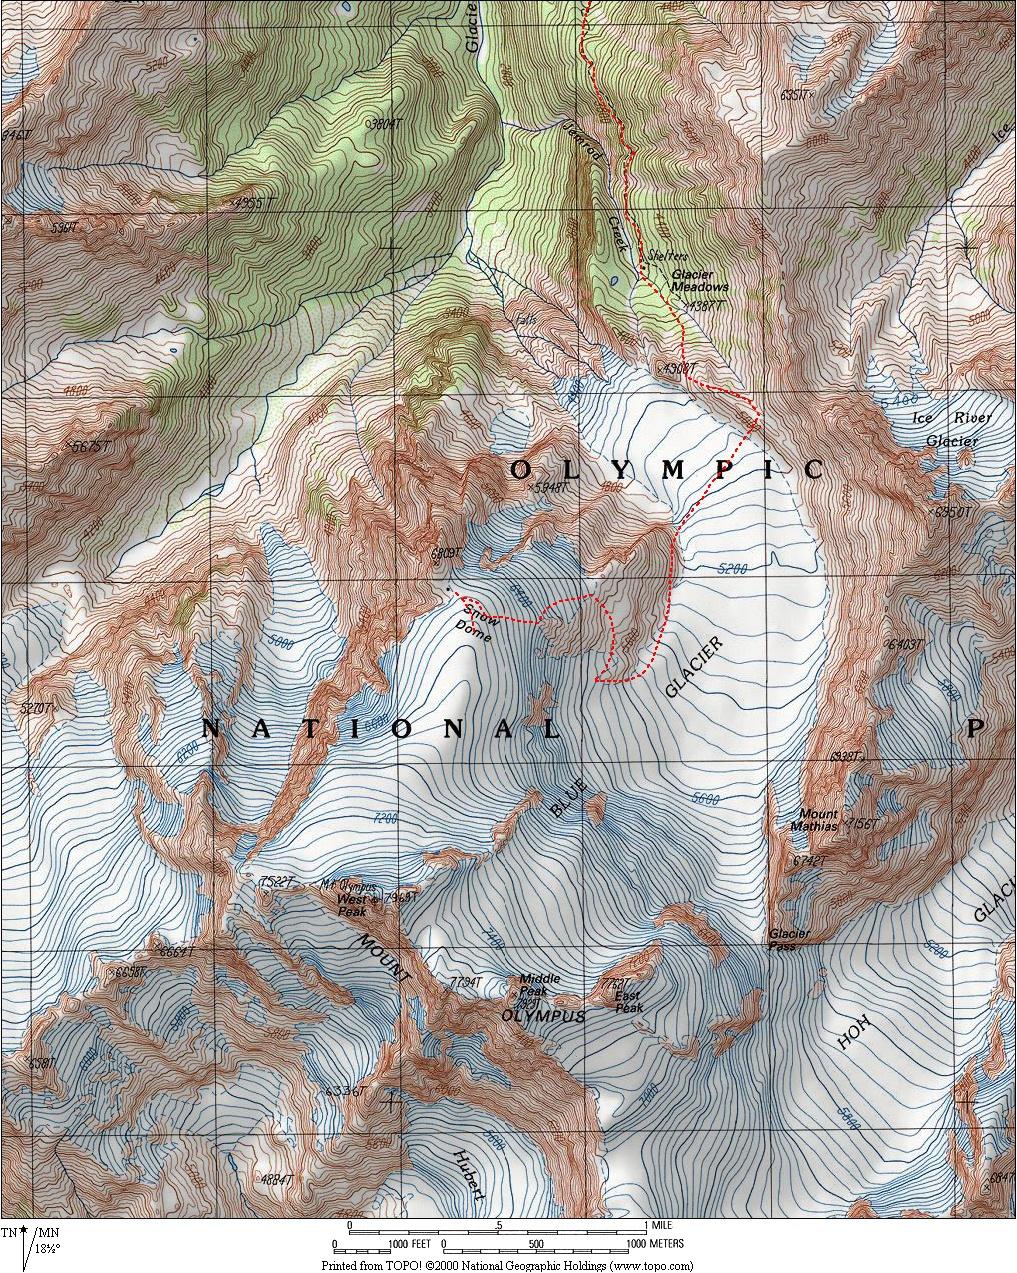 Mt Olympus - Olympus map